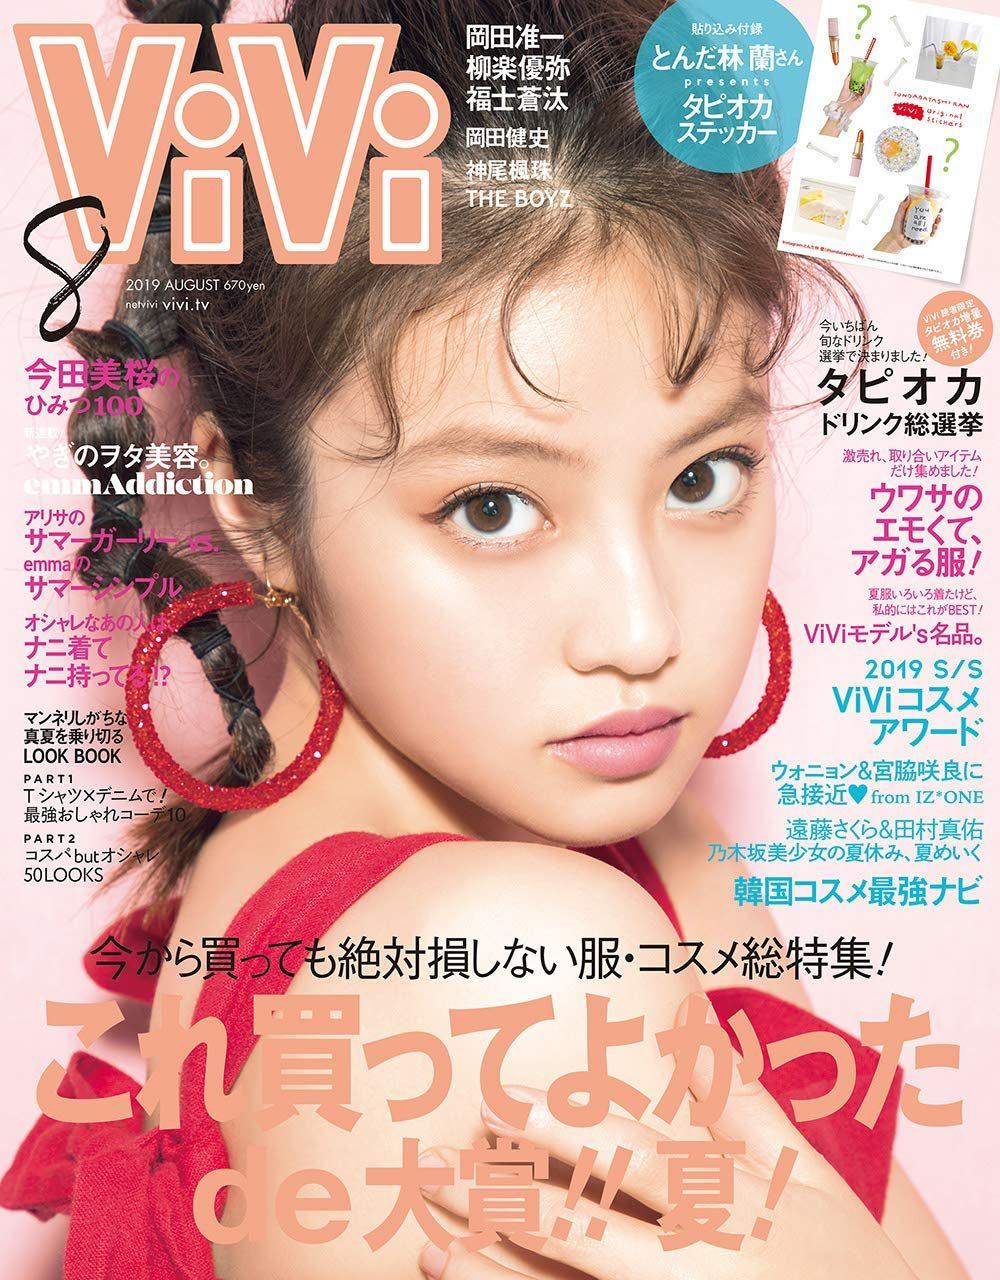 ViVi(ヴィヴィ) 2019年8月号